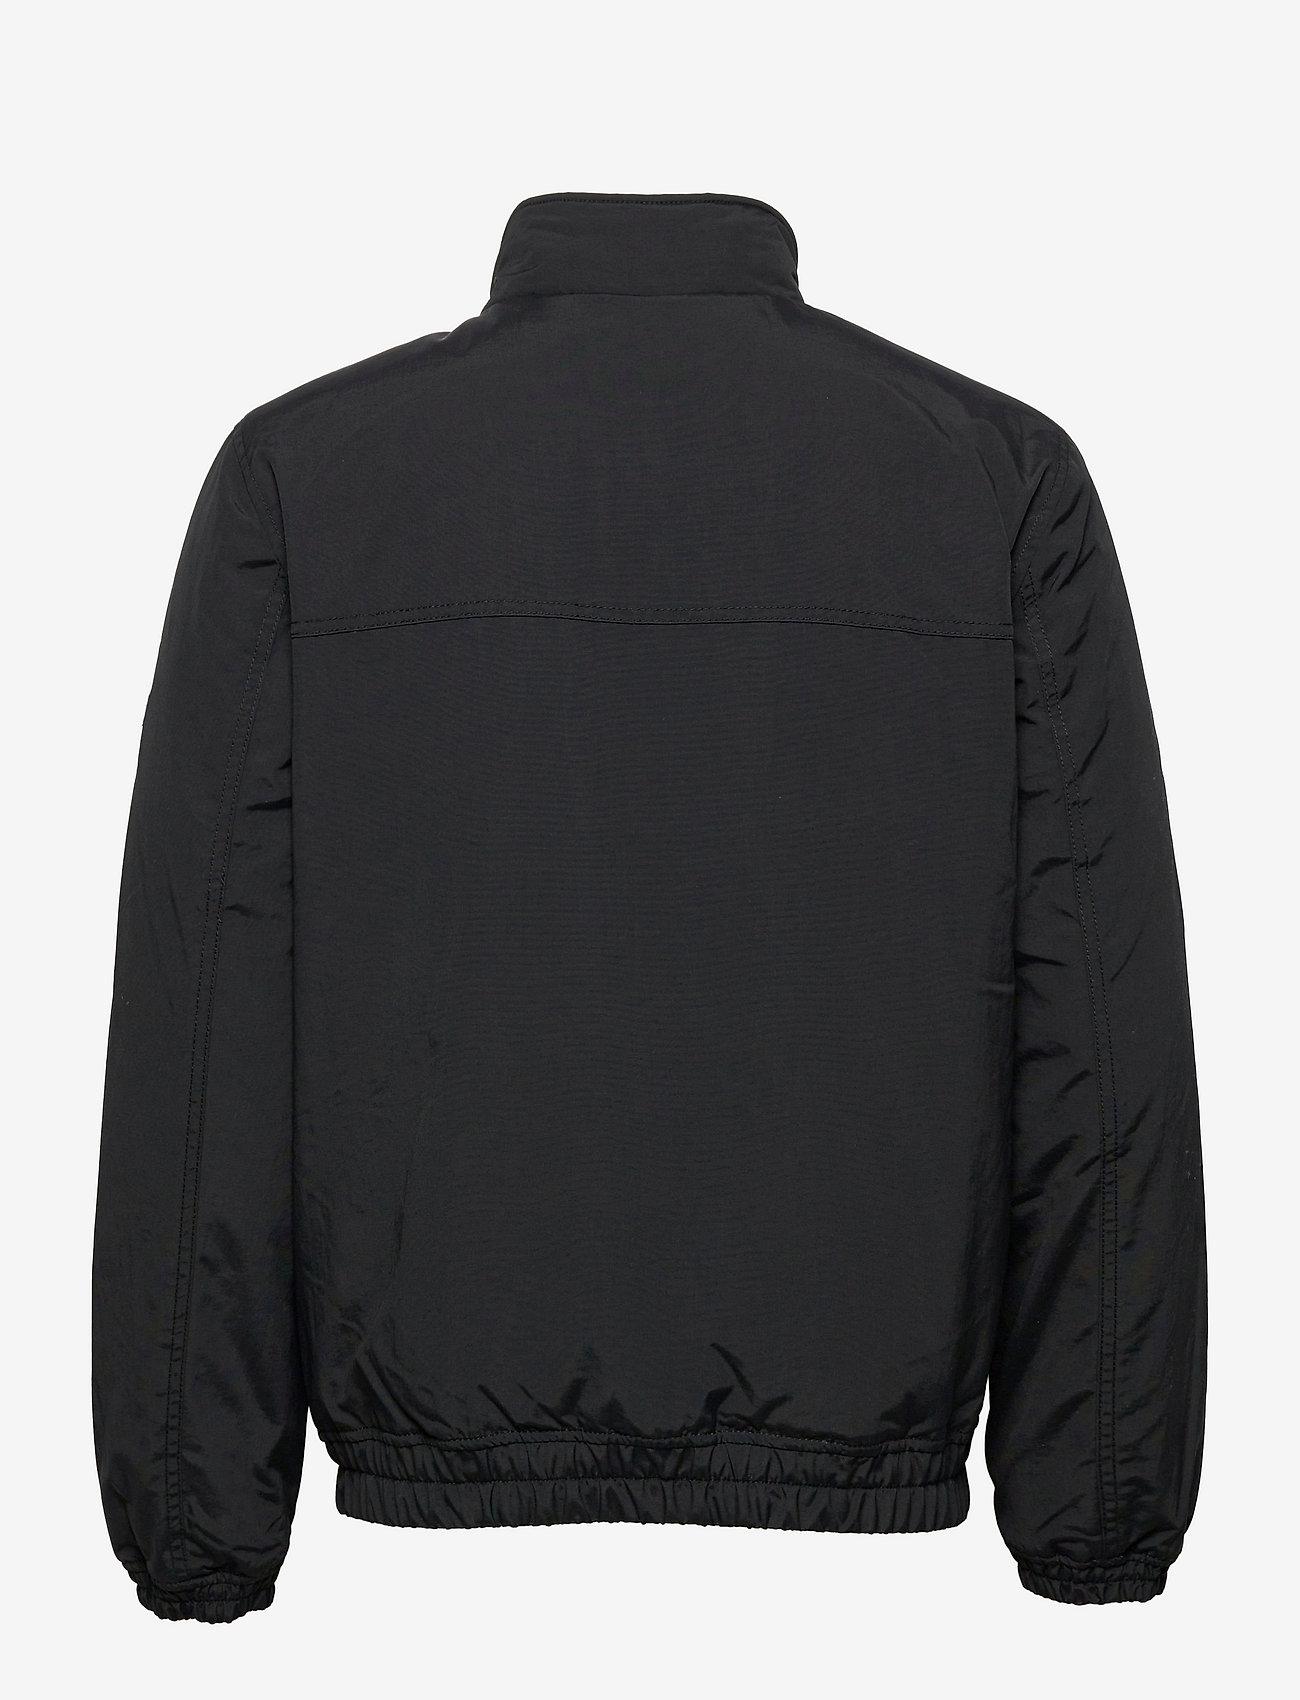 Tommy Jeans - TJM ESSENTIAL PADDED JACKET - fodrade jackor - black - 1